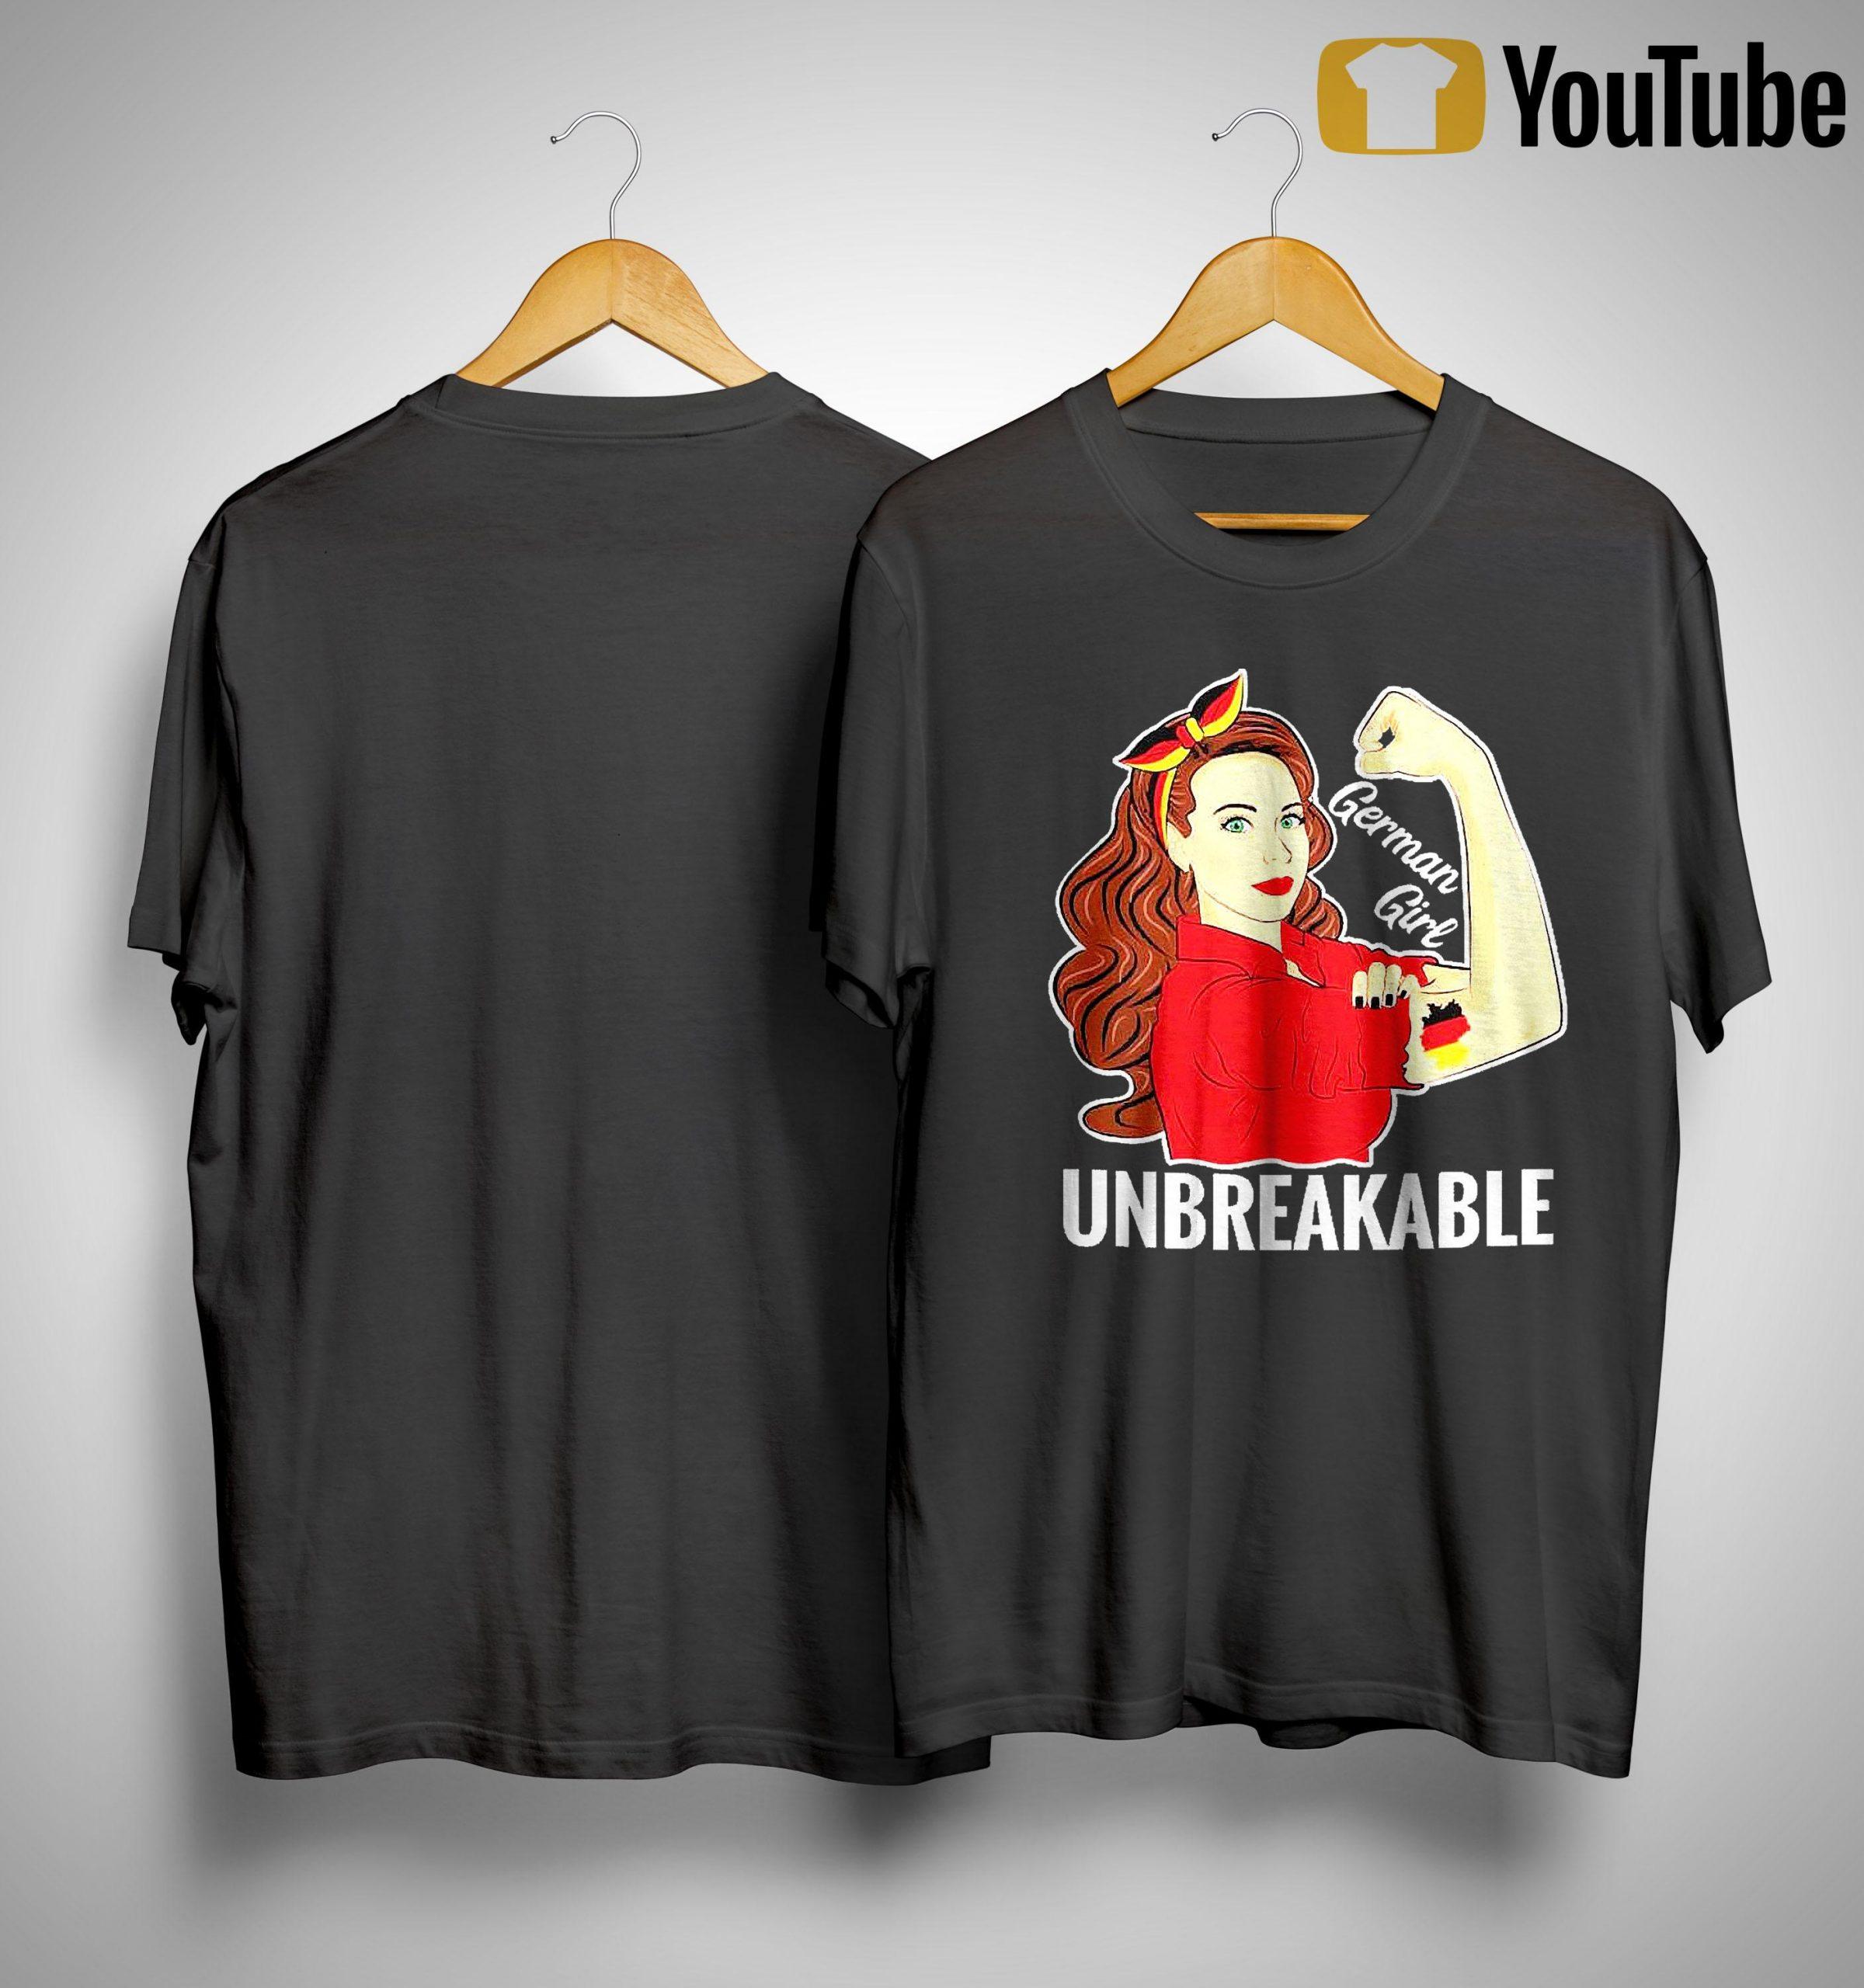 Strong Woman Tattoo German Girl Unbreakable Shirt